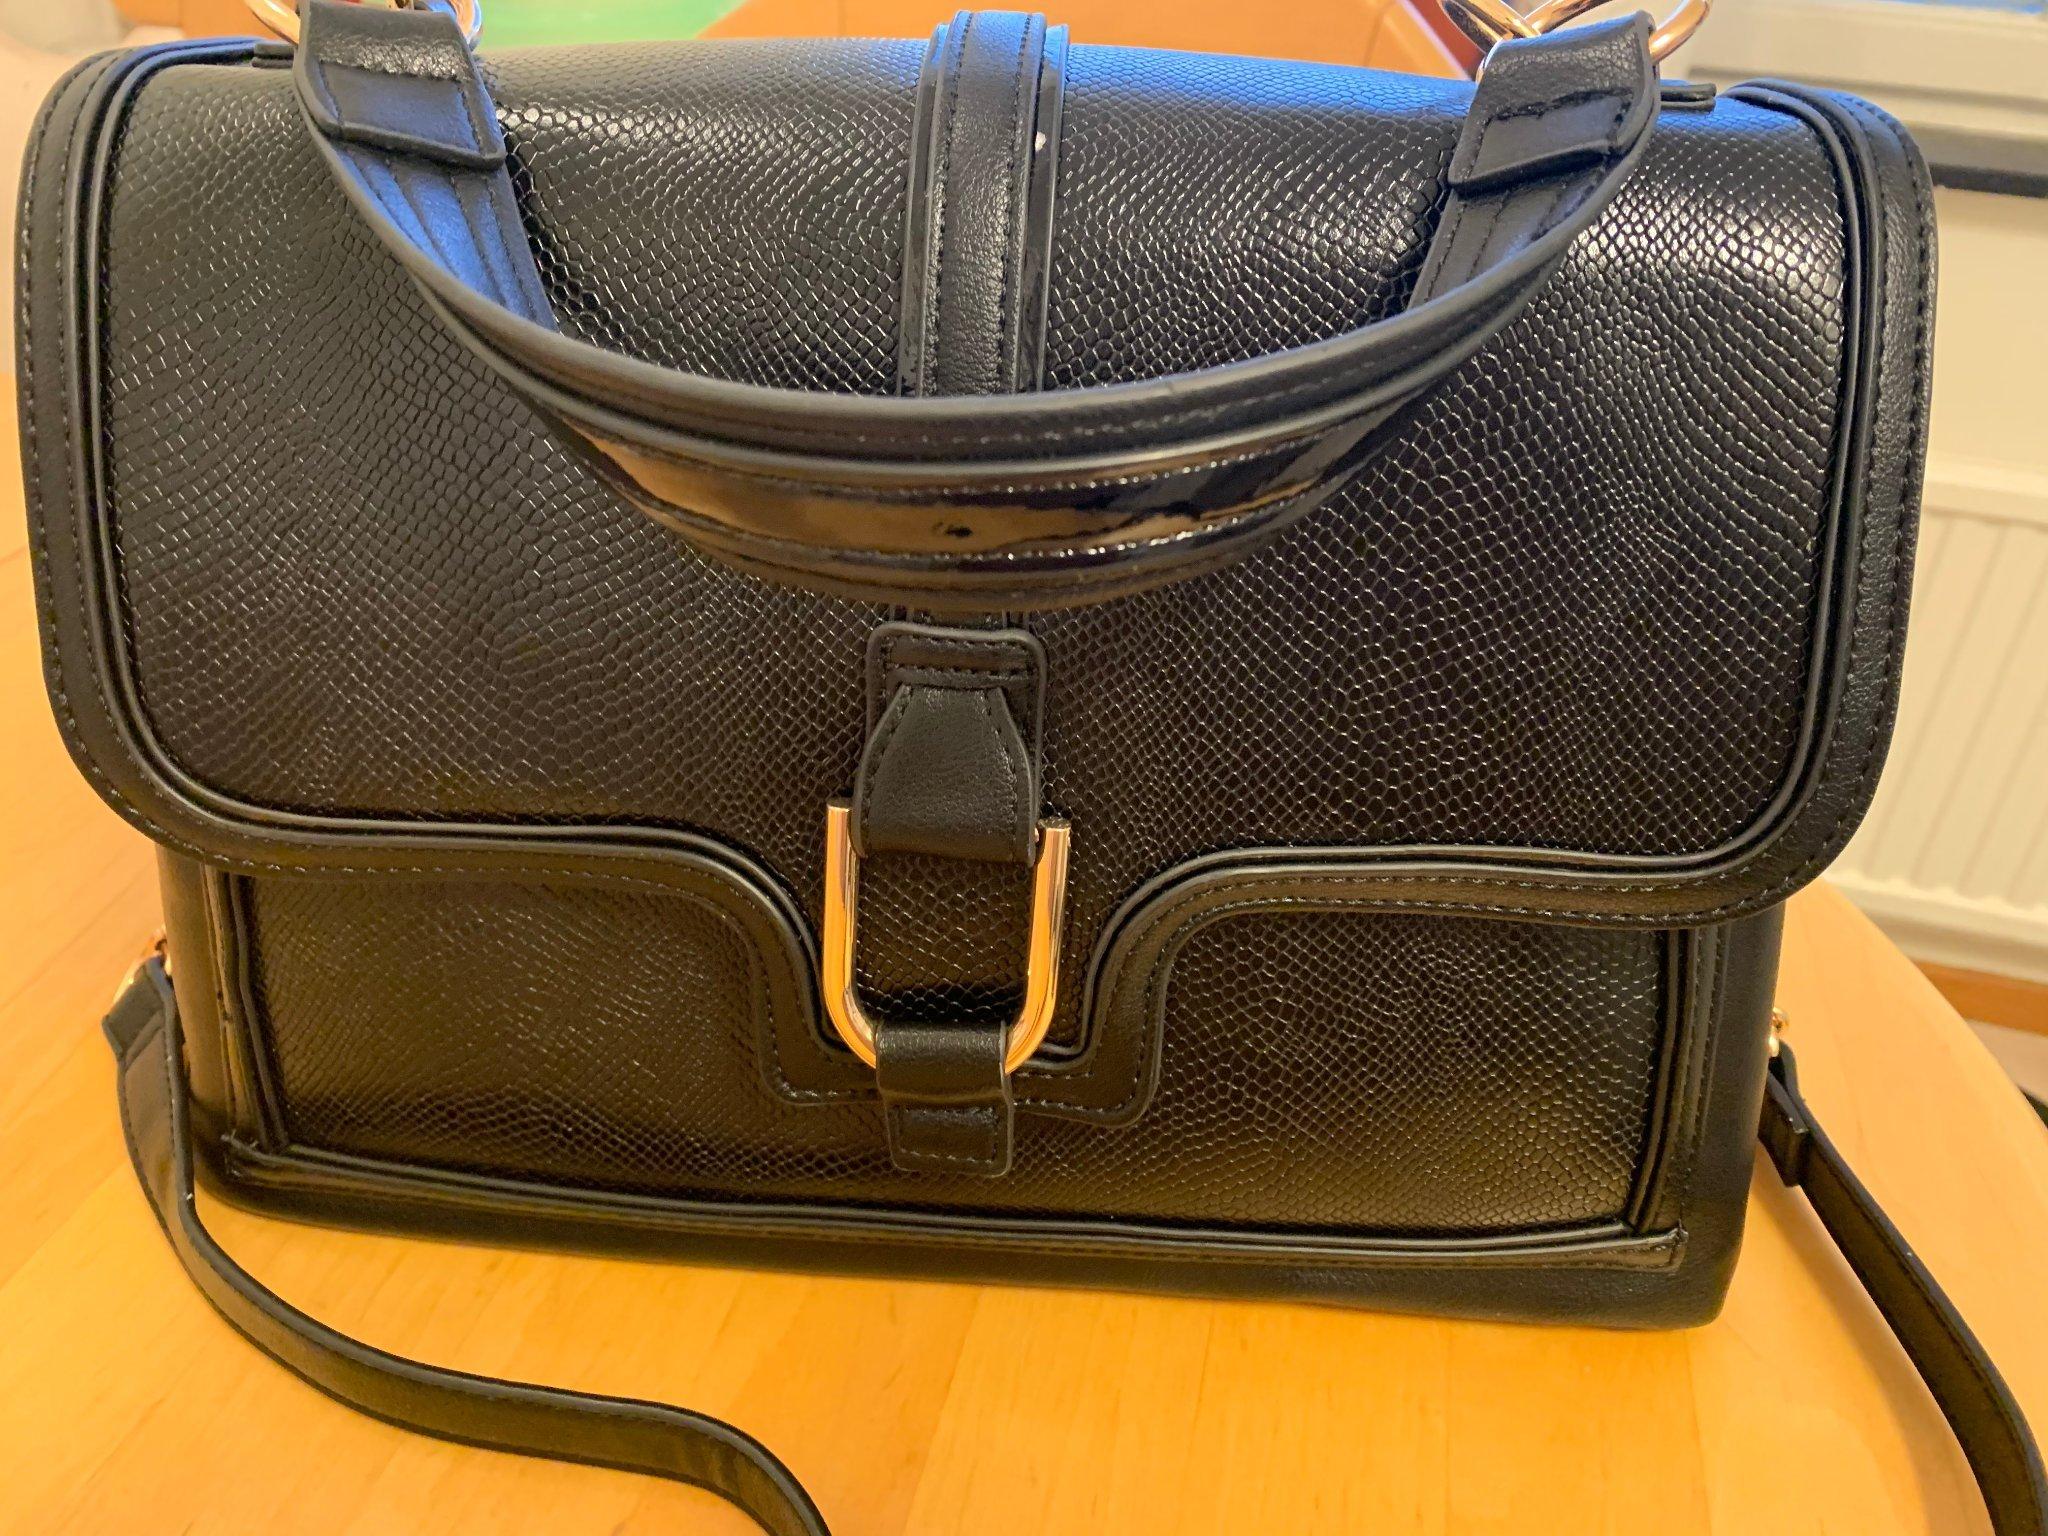 en svart medel stor handbagage väska